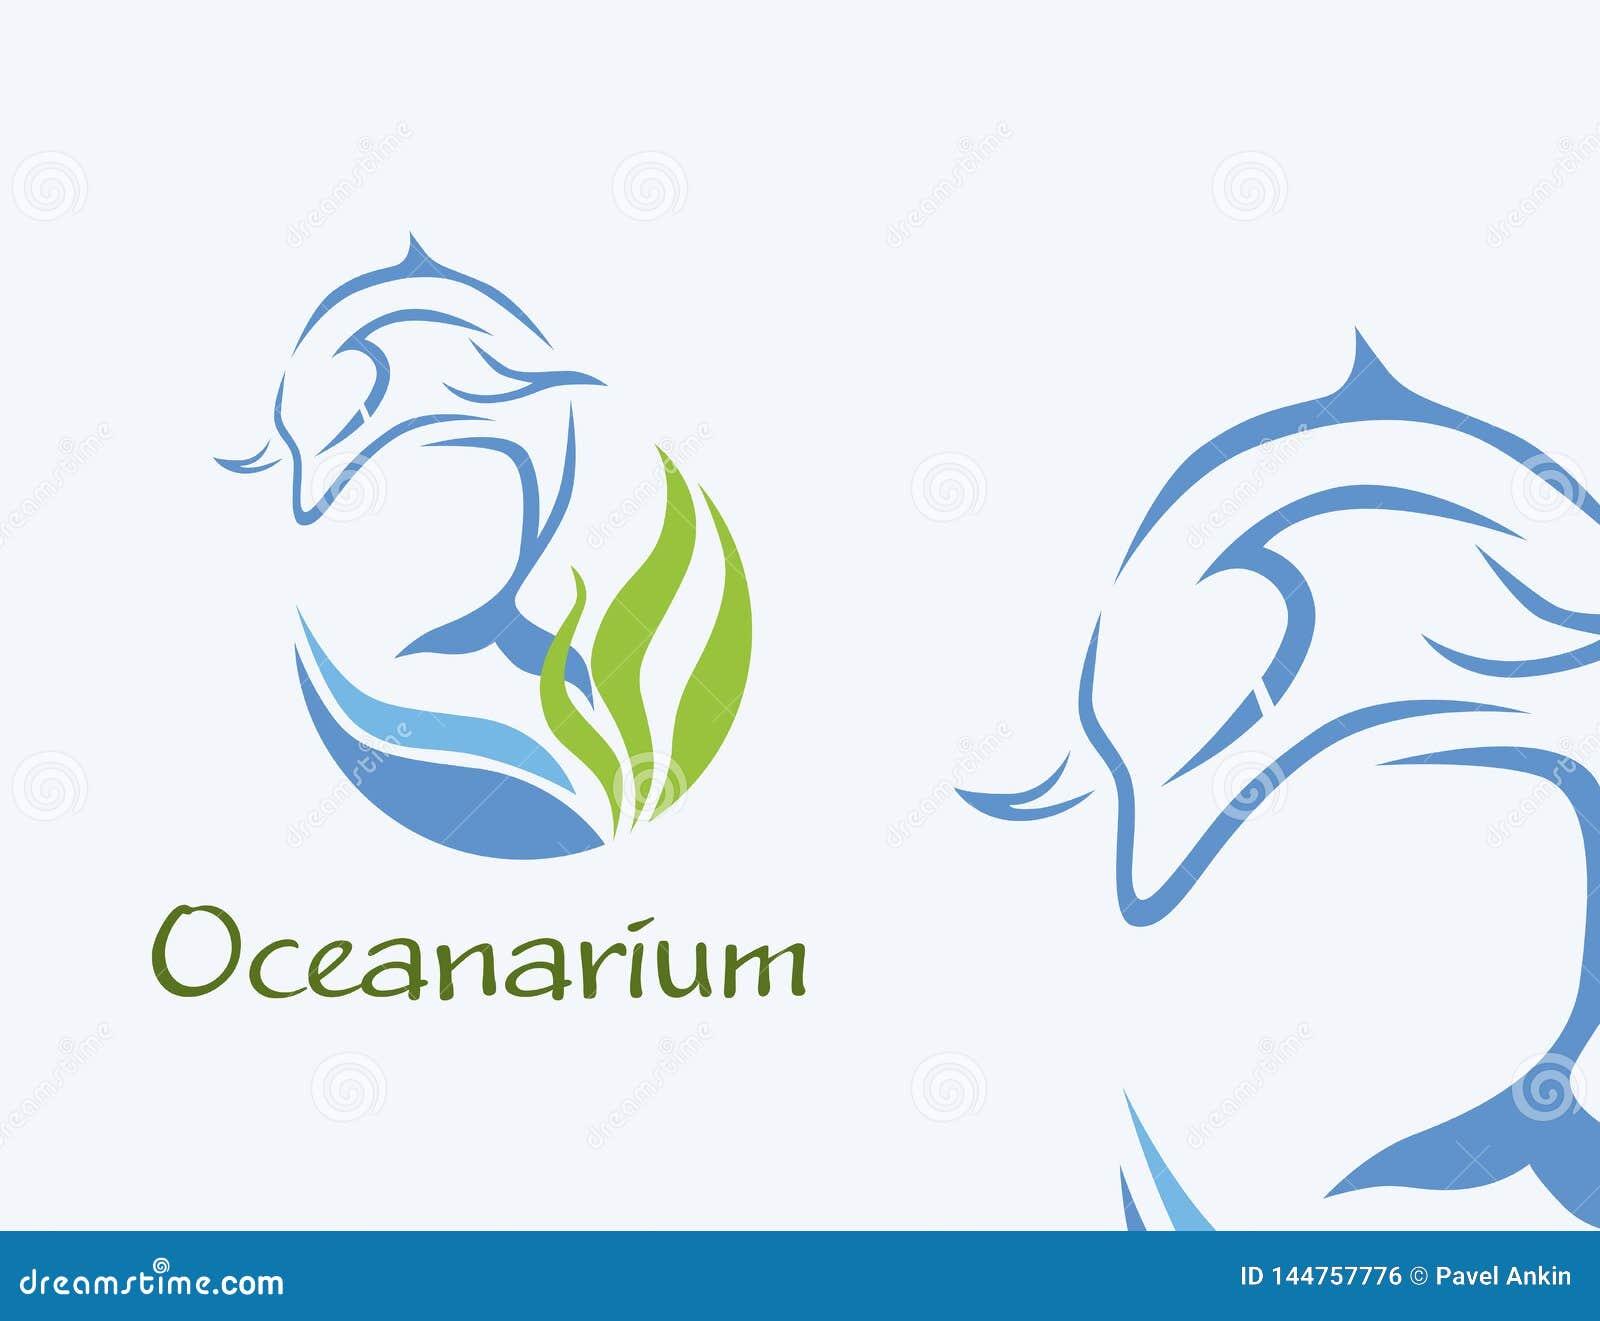 Oceanarium logo - delfin ilustracja w błękicie